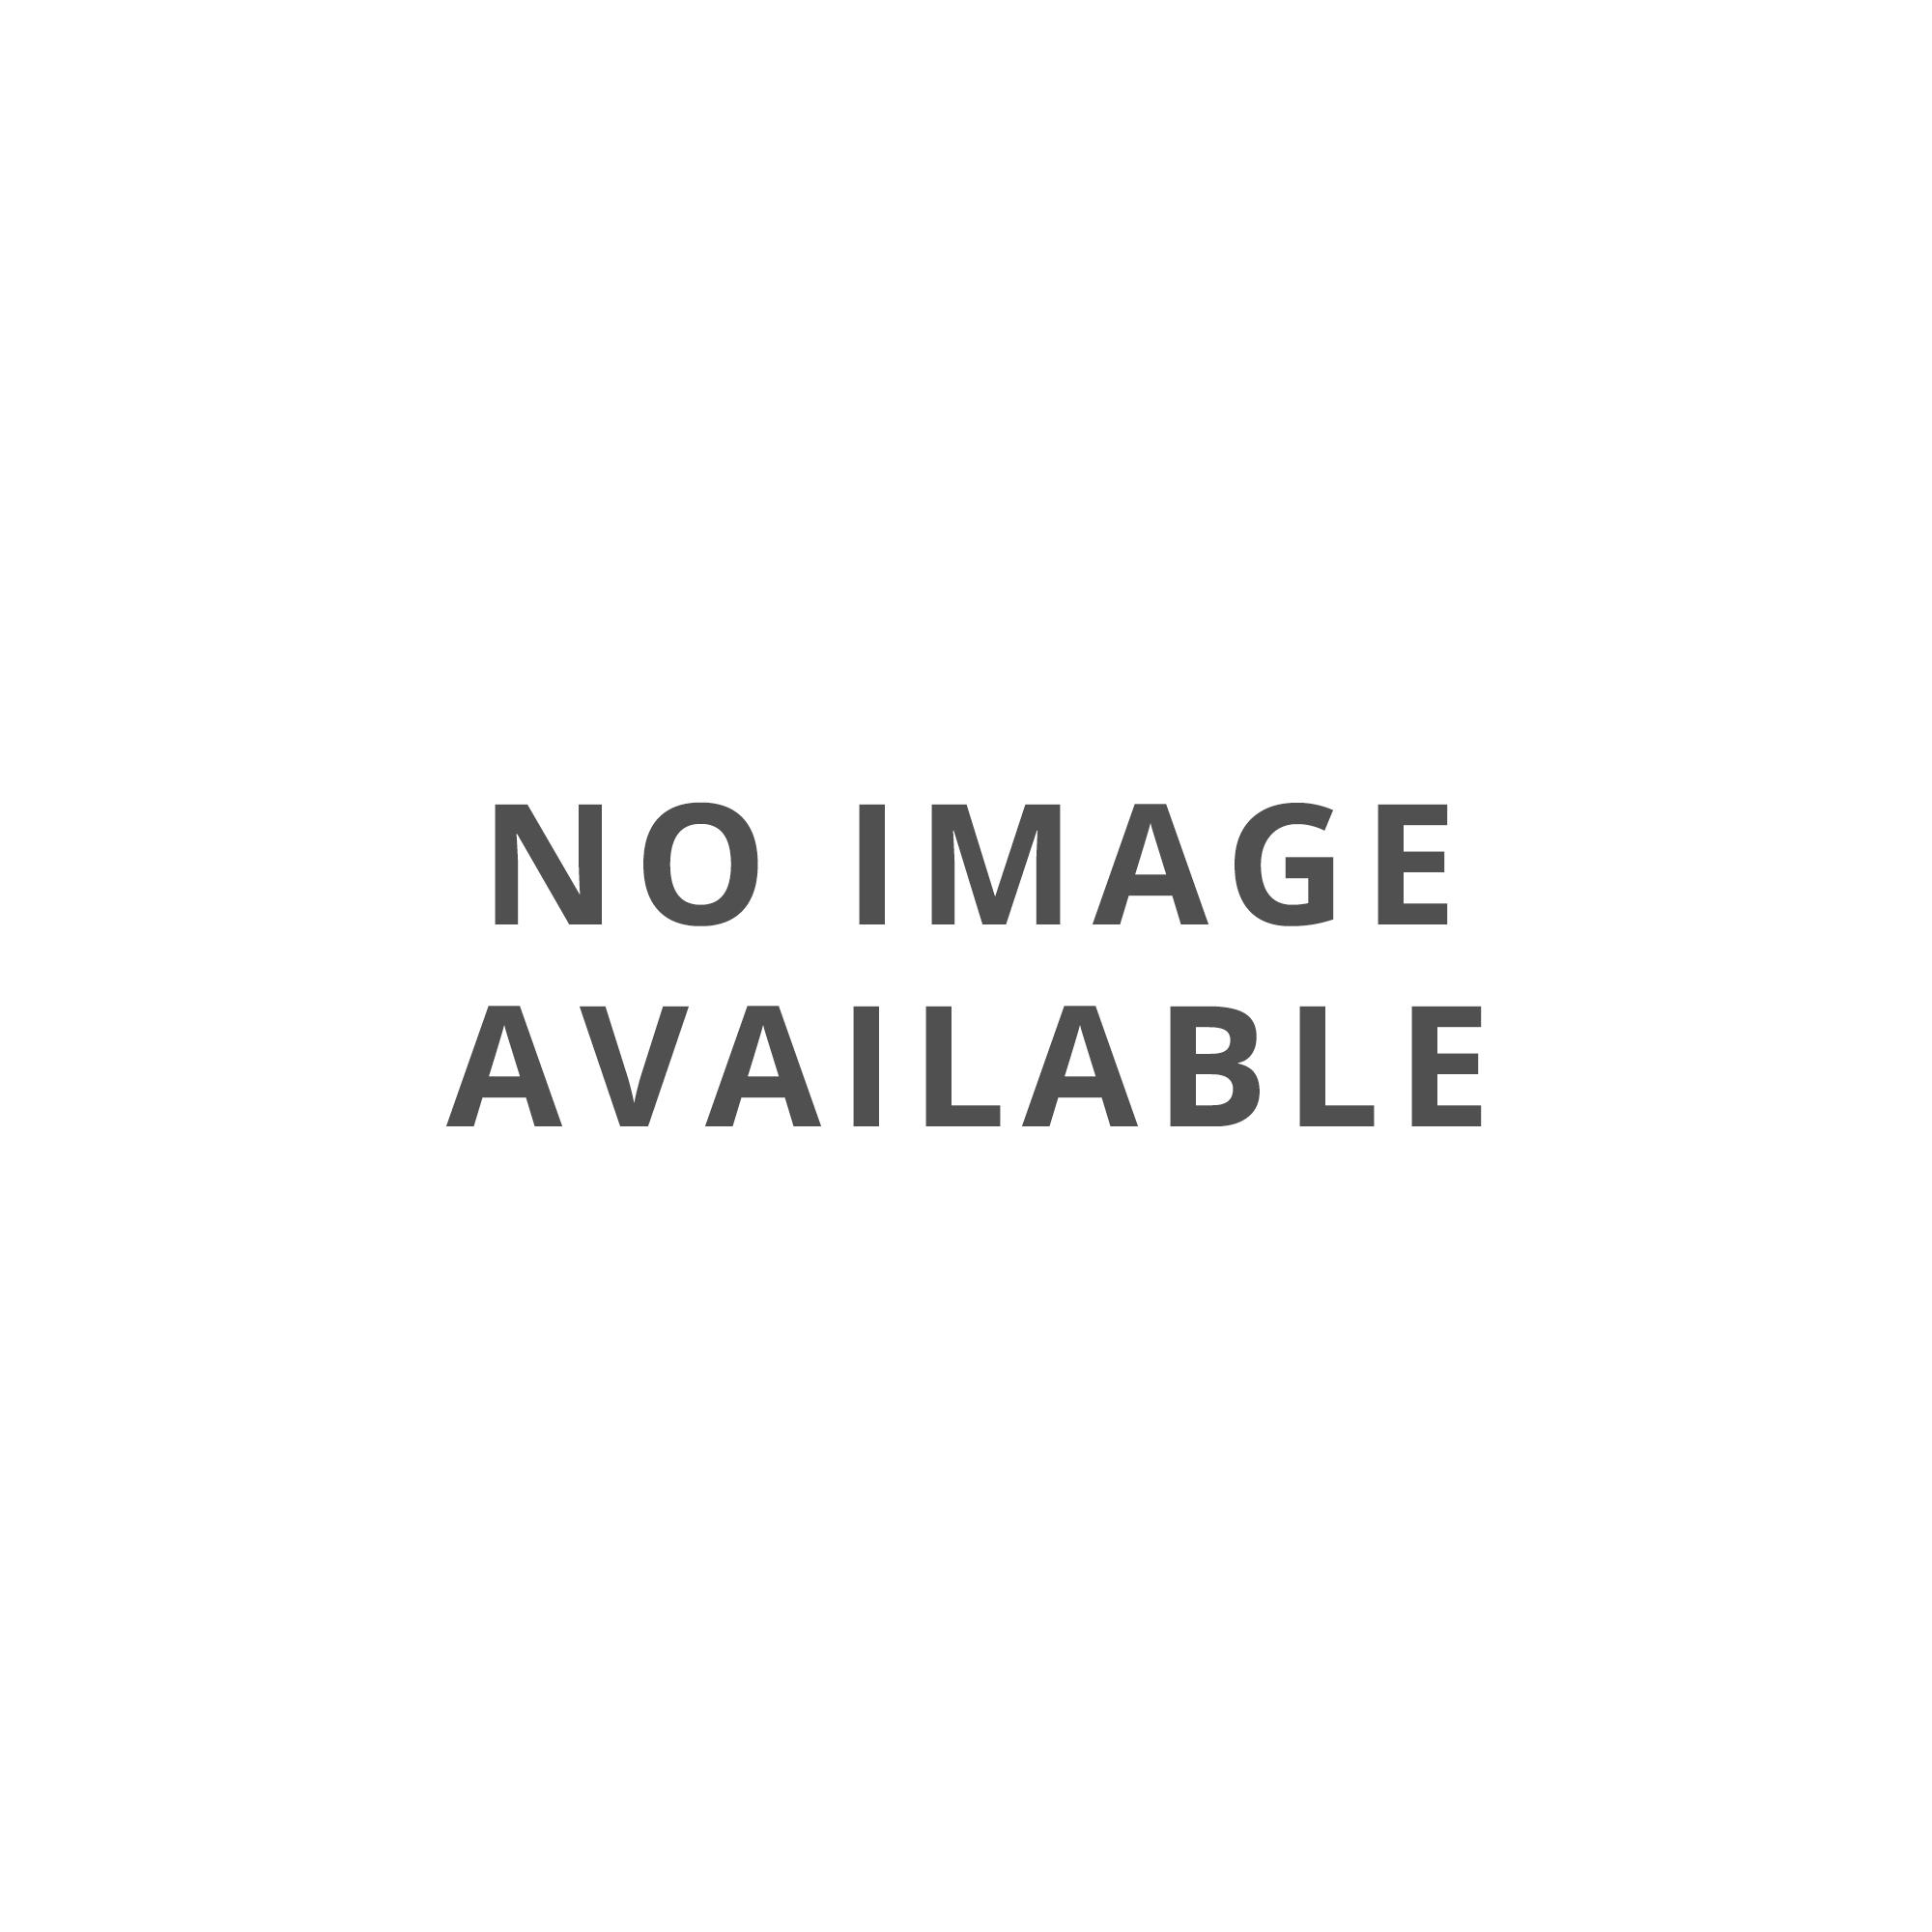 Lsc Small White 480x370x130 Ceramic Belfast Butler Kitchen Sink Waste Kitchen From Taps Uk